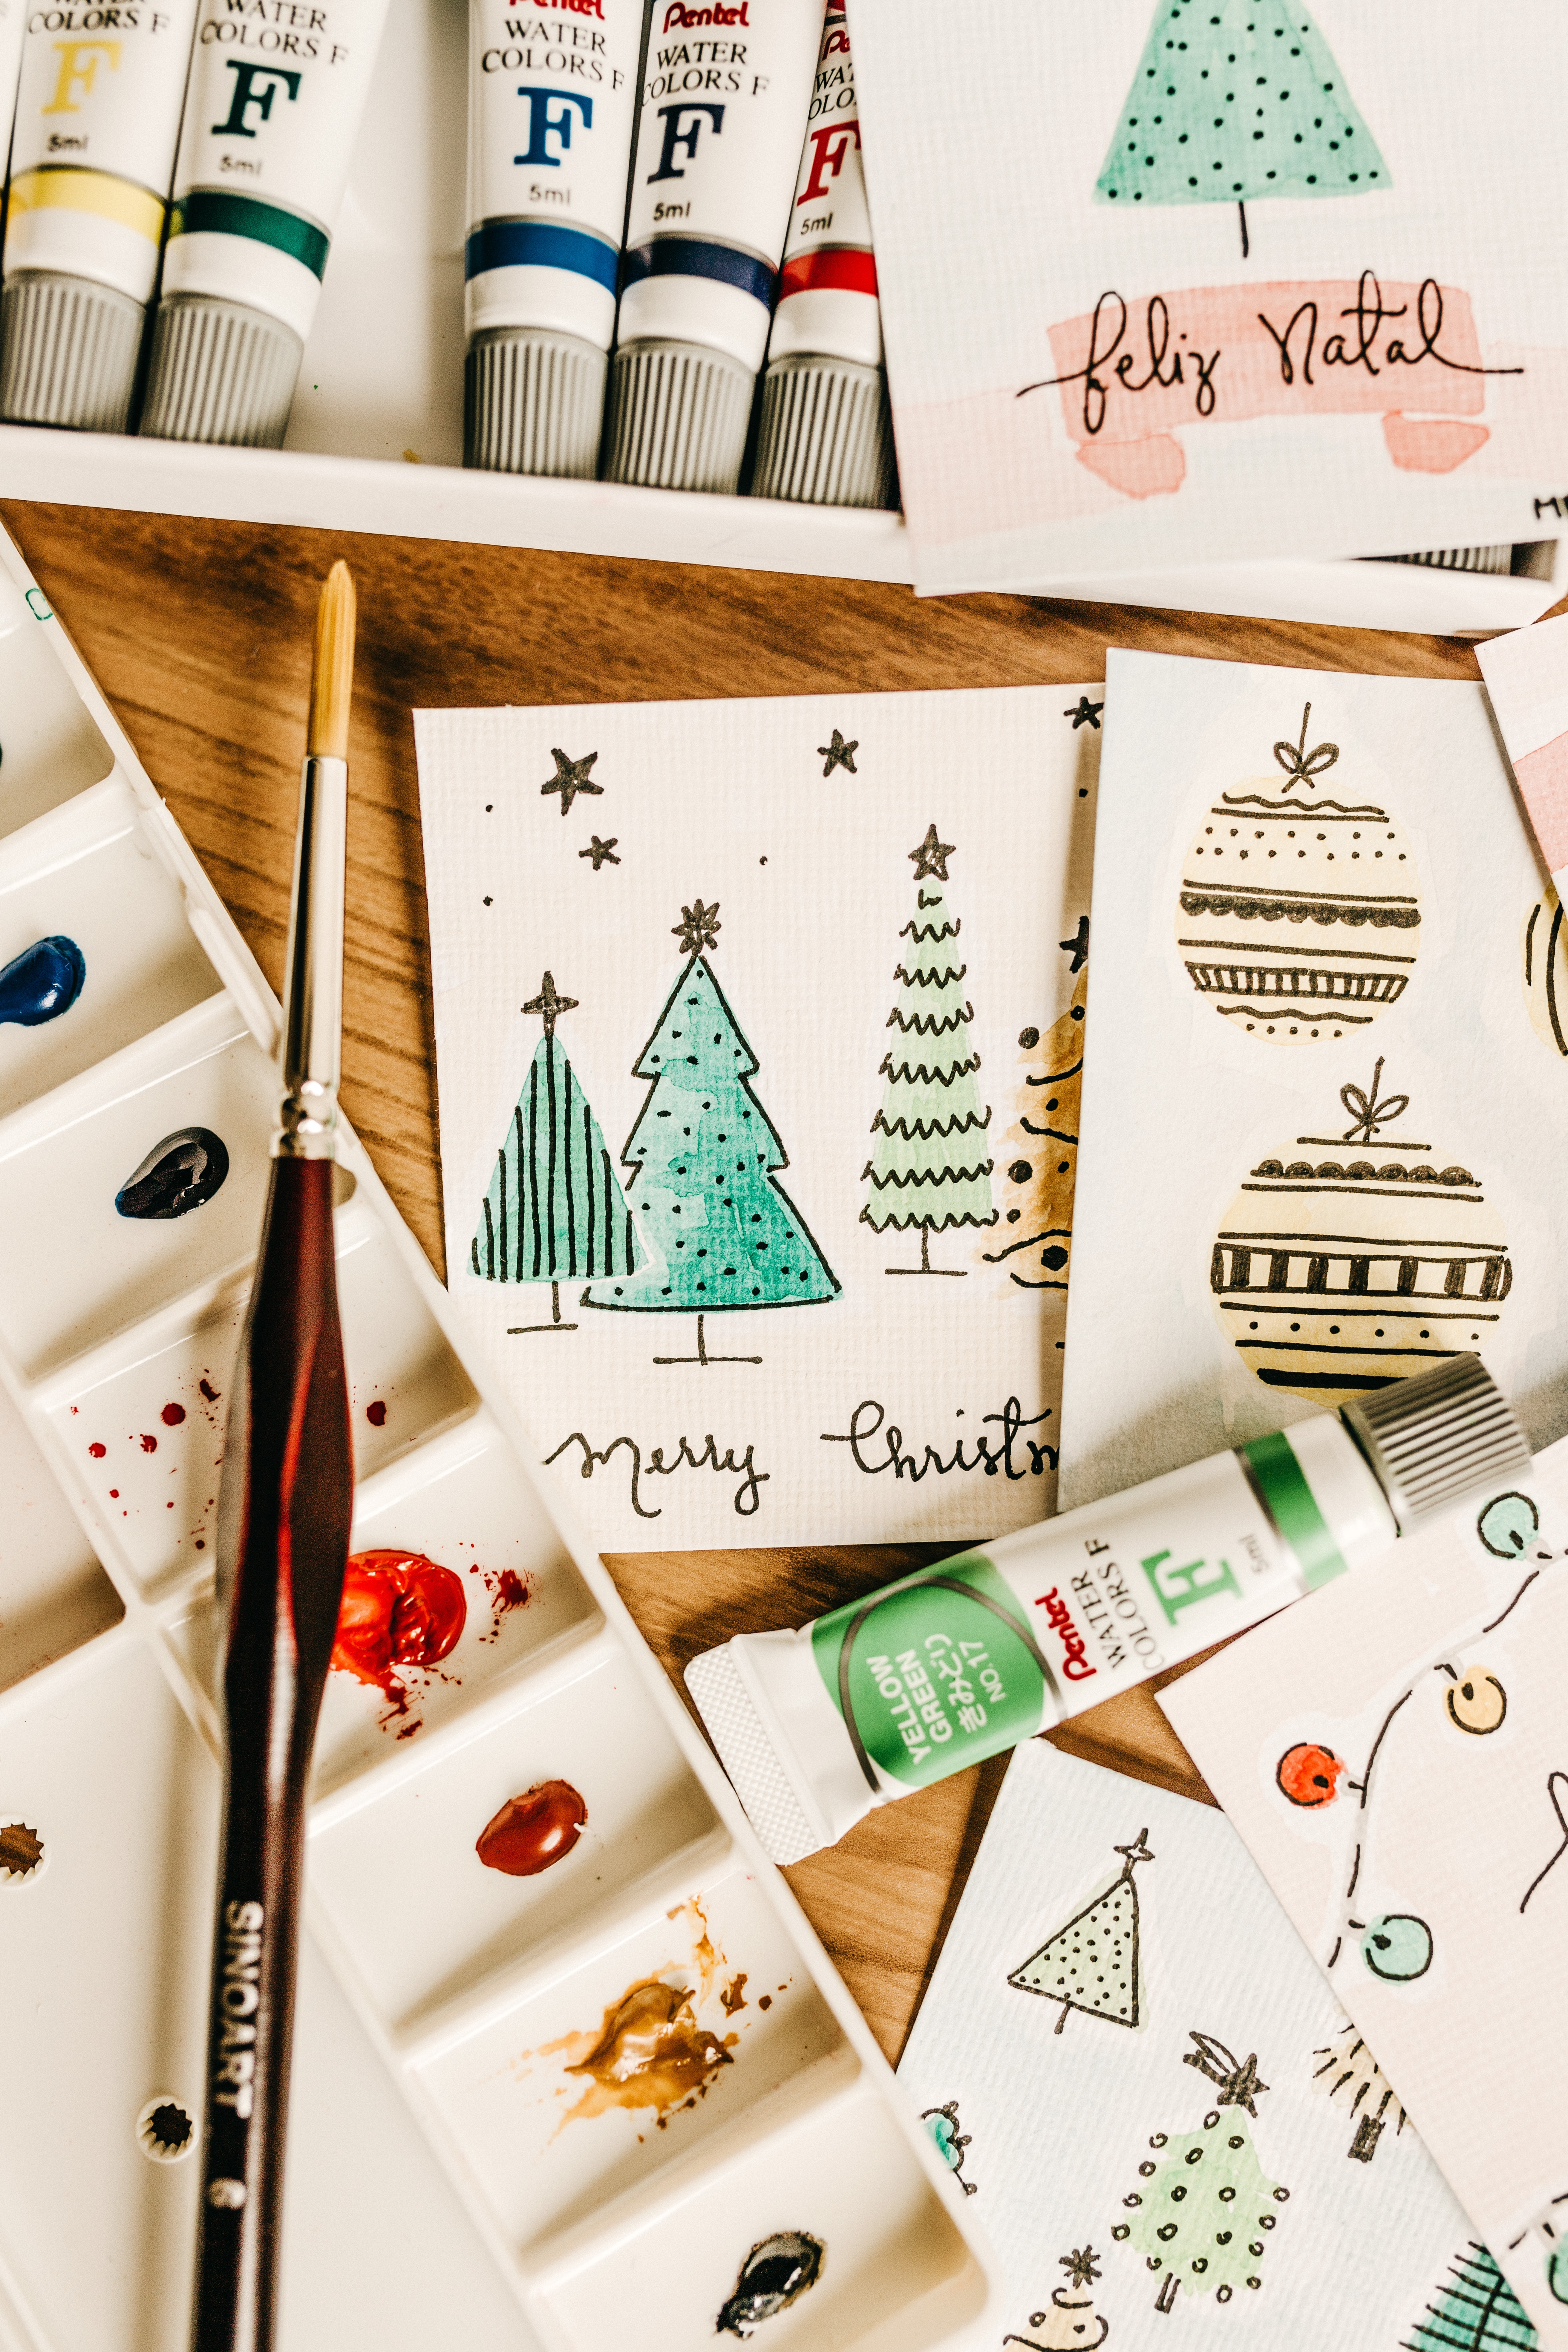 107033 скачать обои Праздники, Краски, Кисточка, Рисование, Рождество, Новый Год, Открытки - заставки и картинки бесплатно